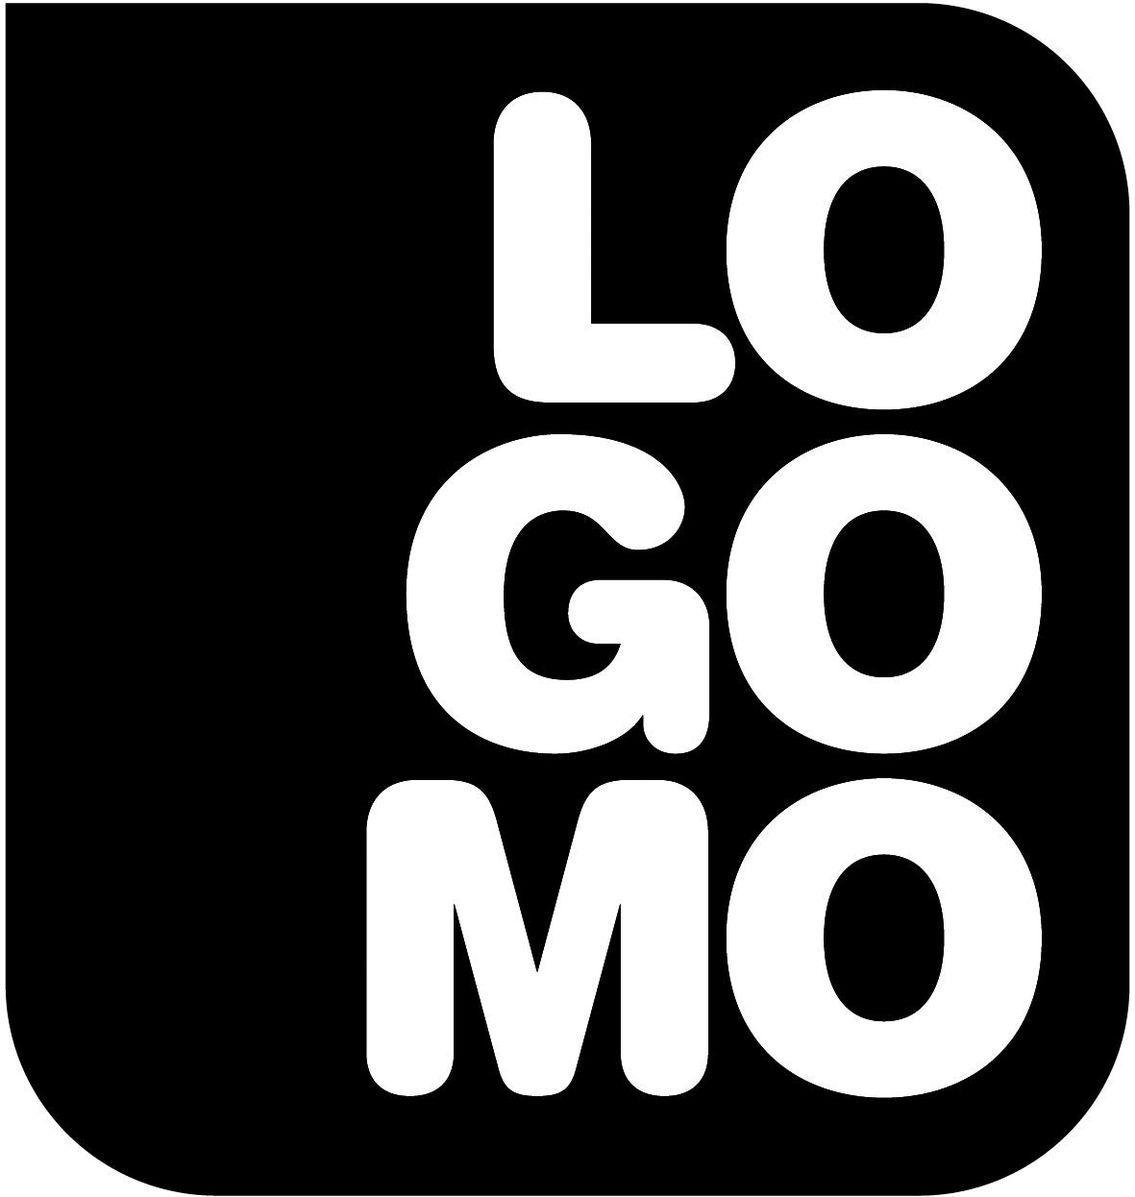 Turun Logomo